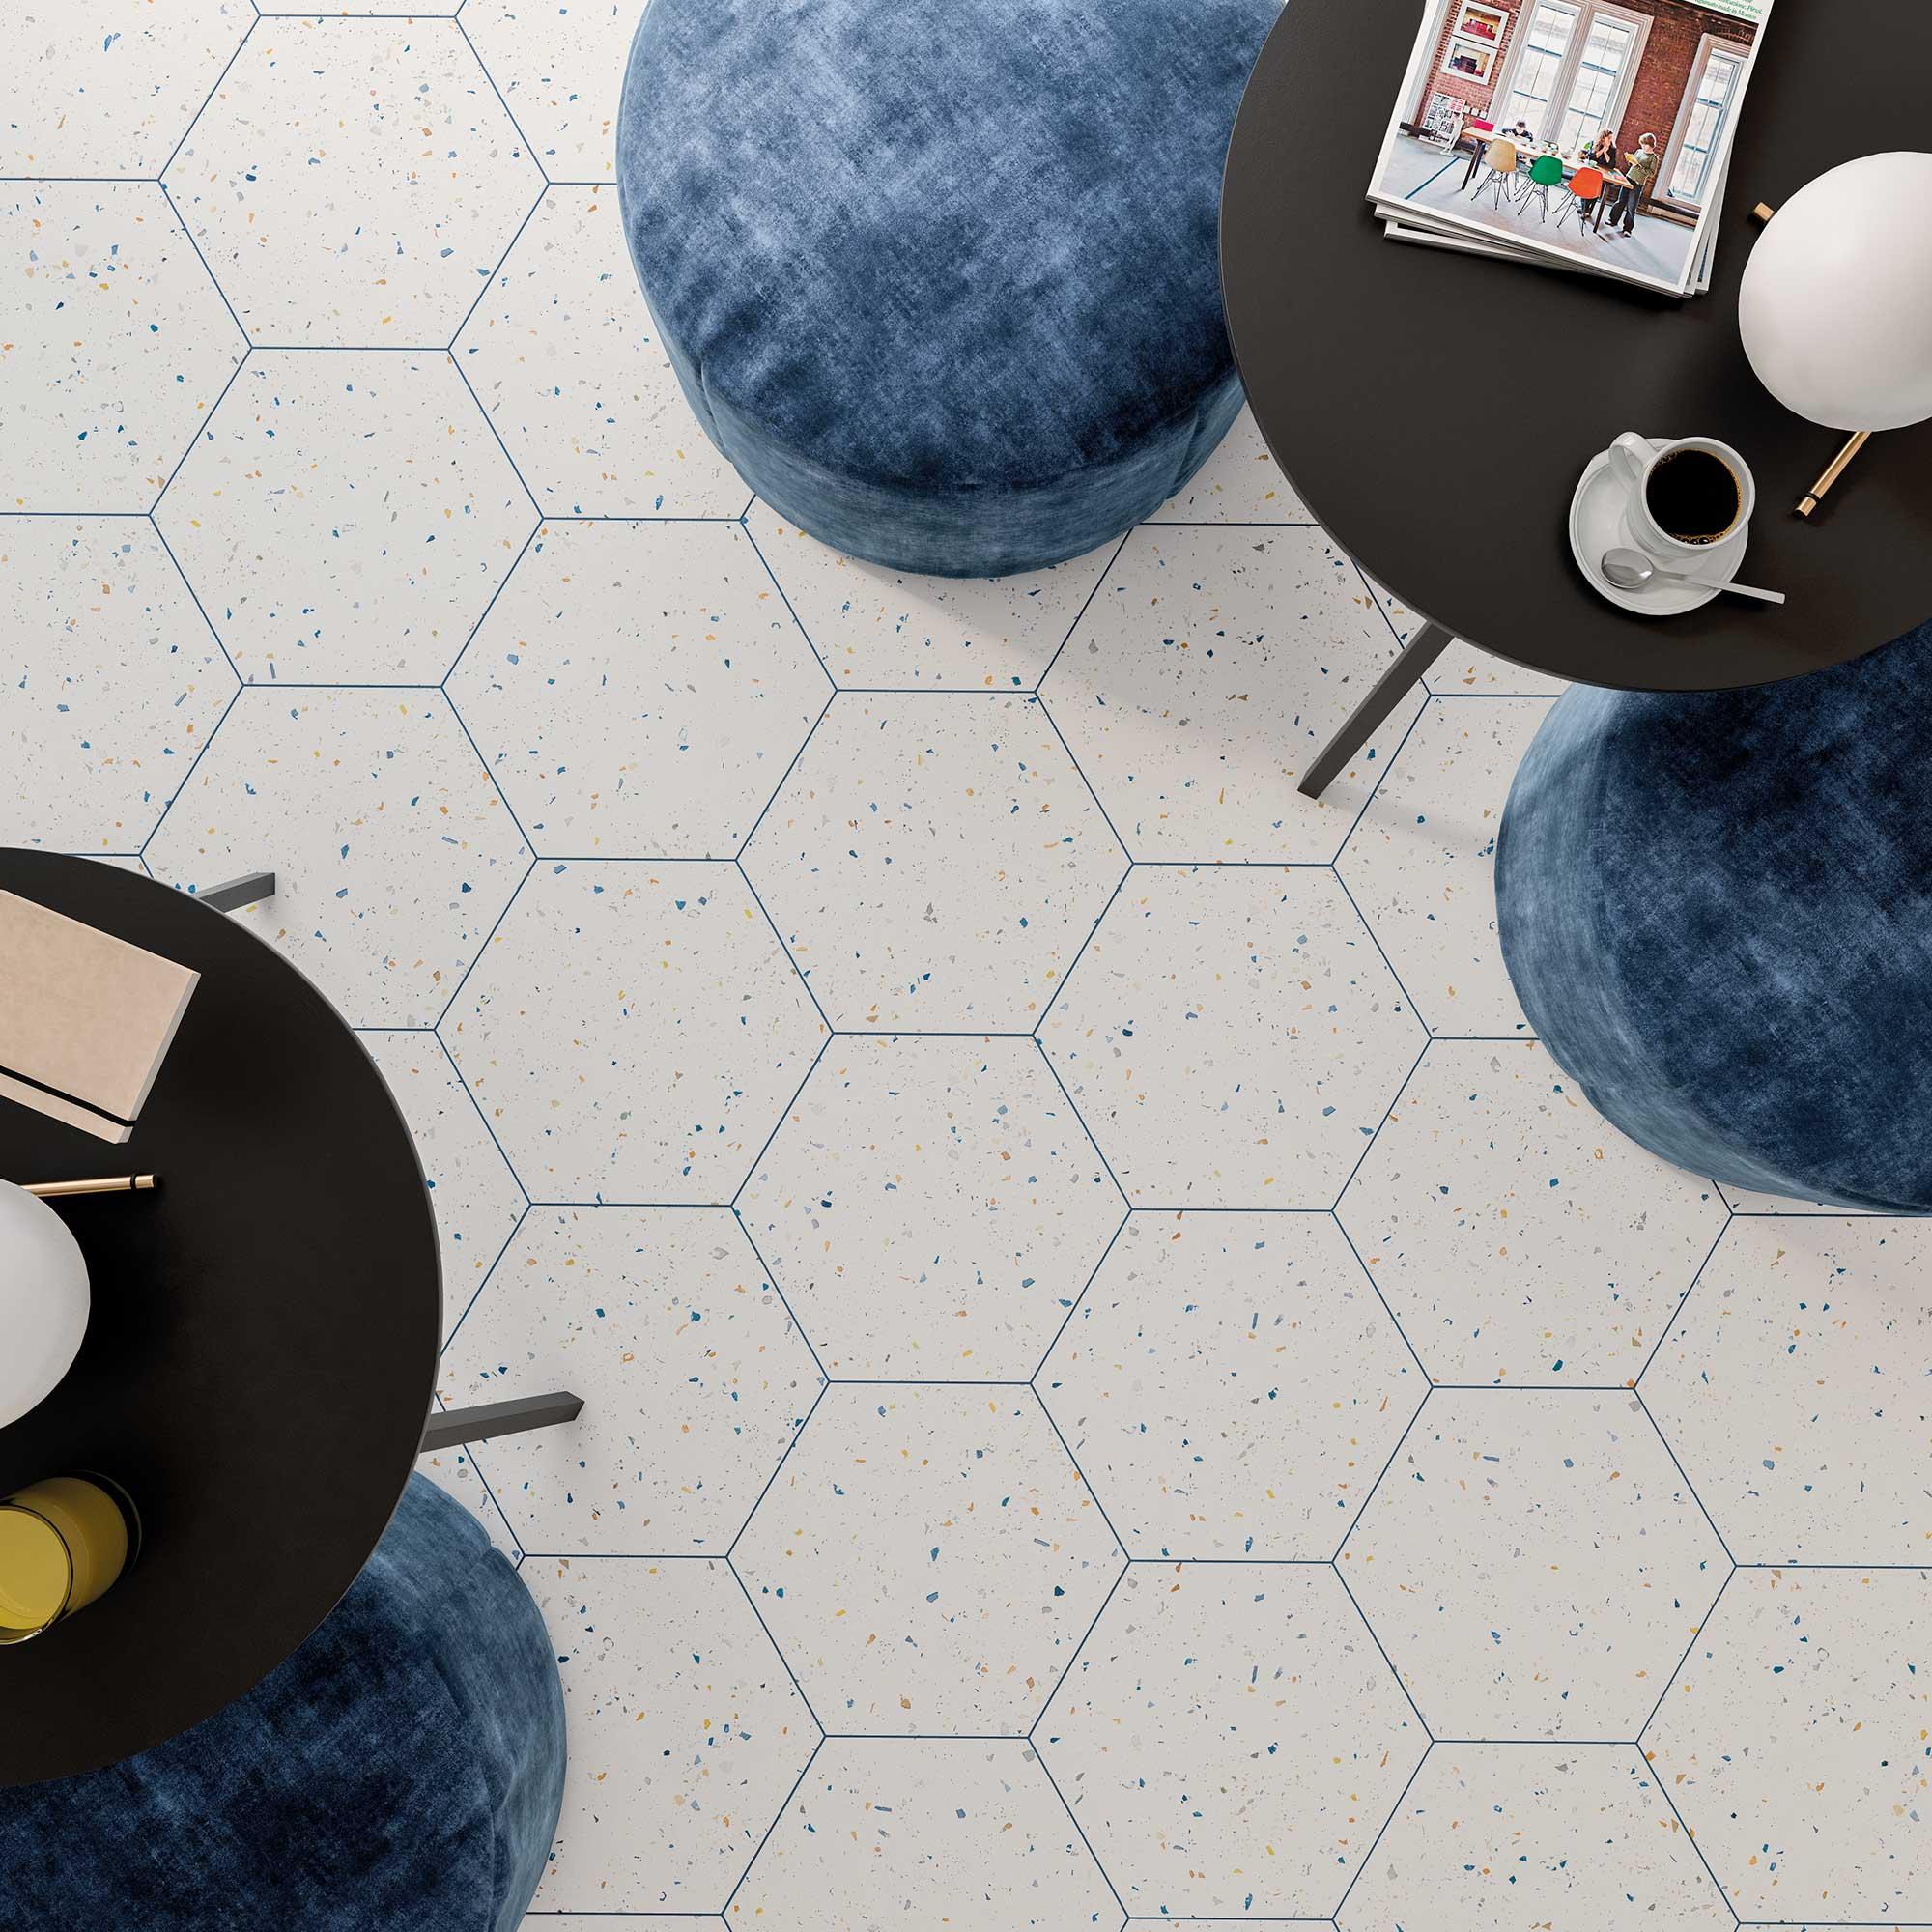 Płytki terrazzo lastryko kolorowe w kształcie heksagonów